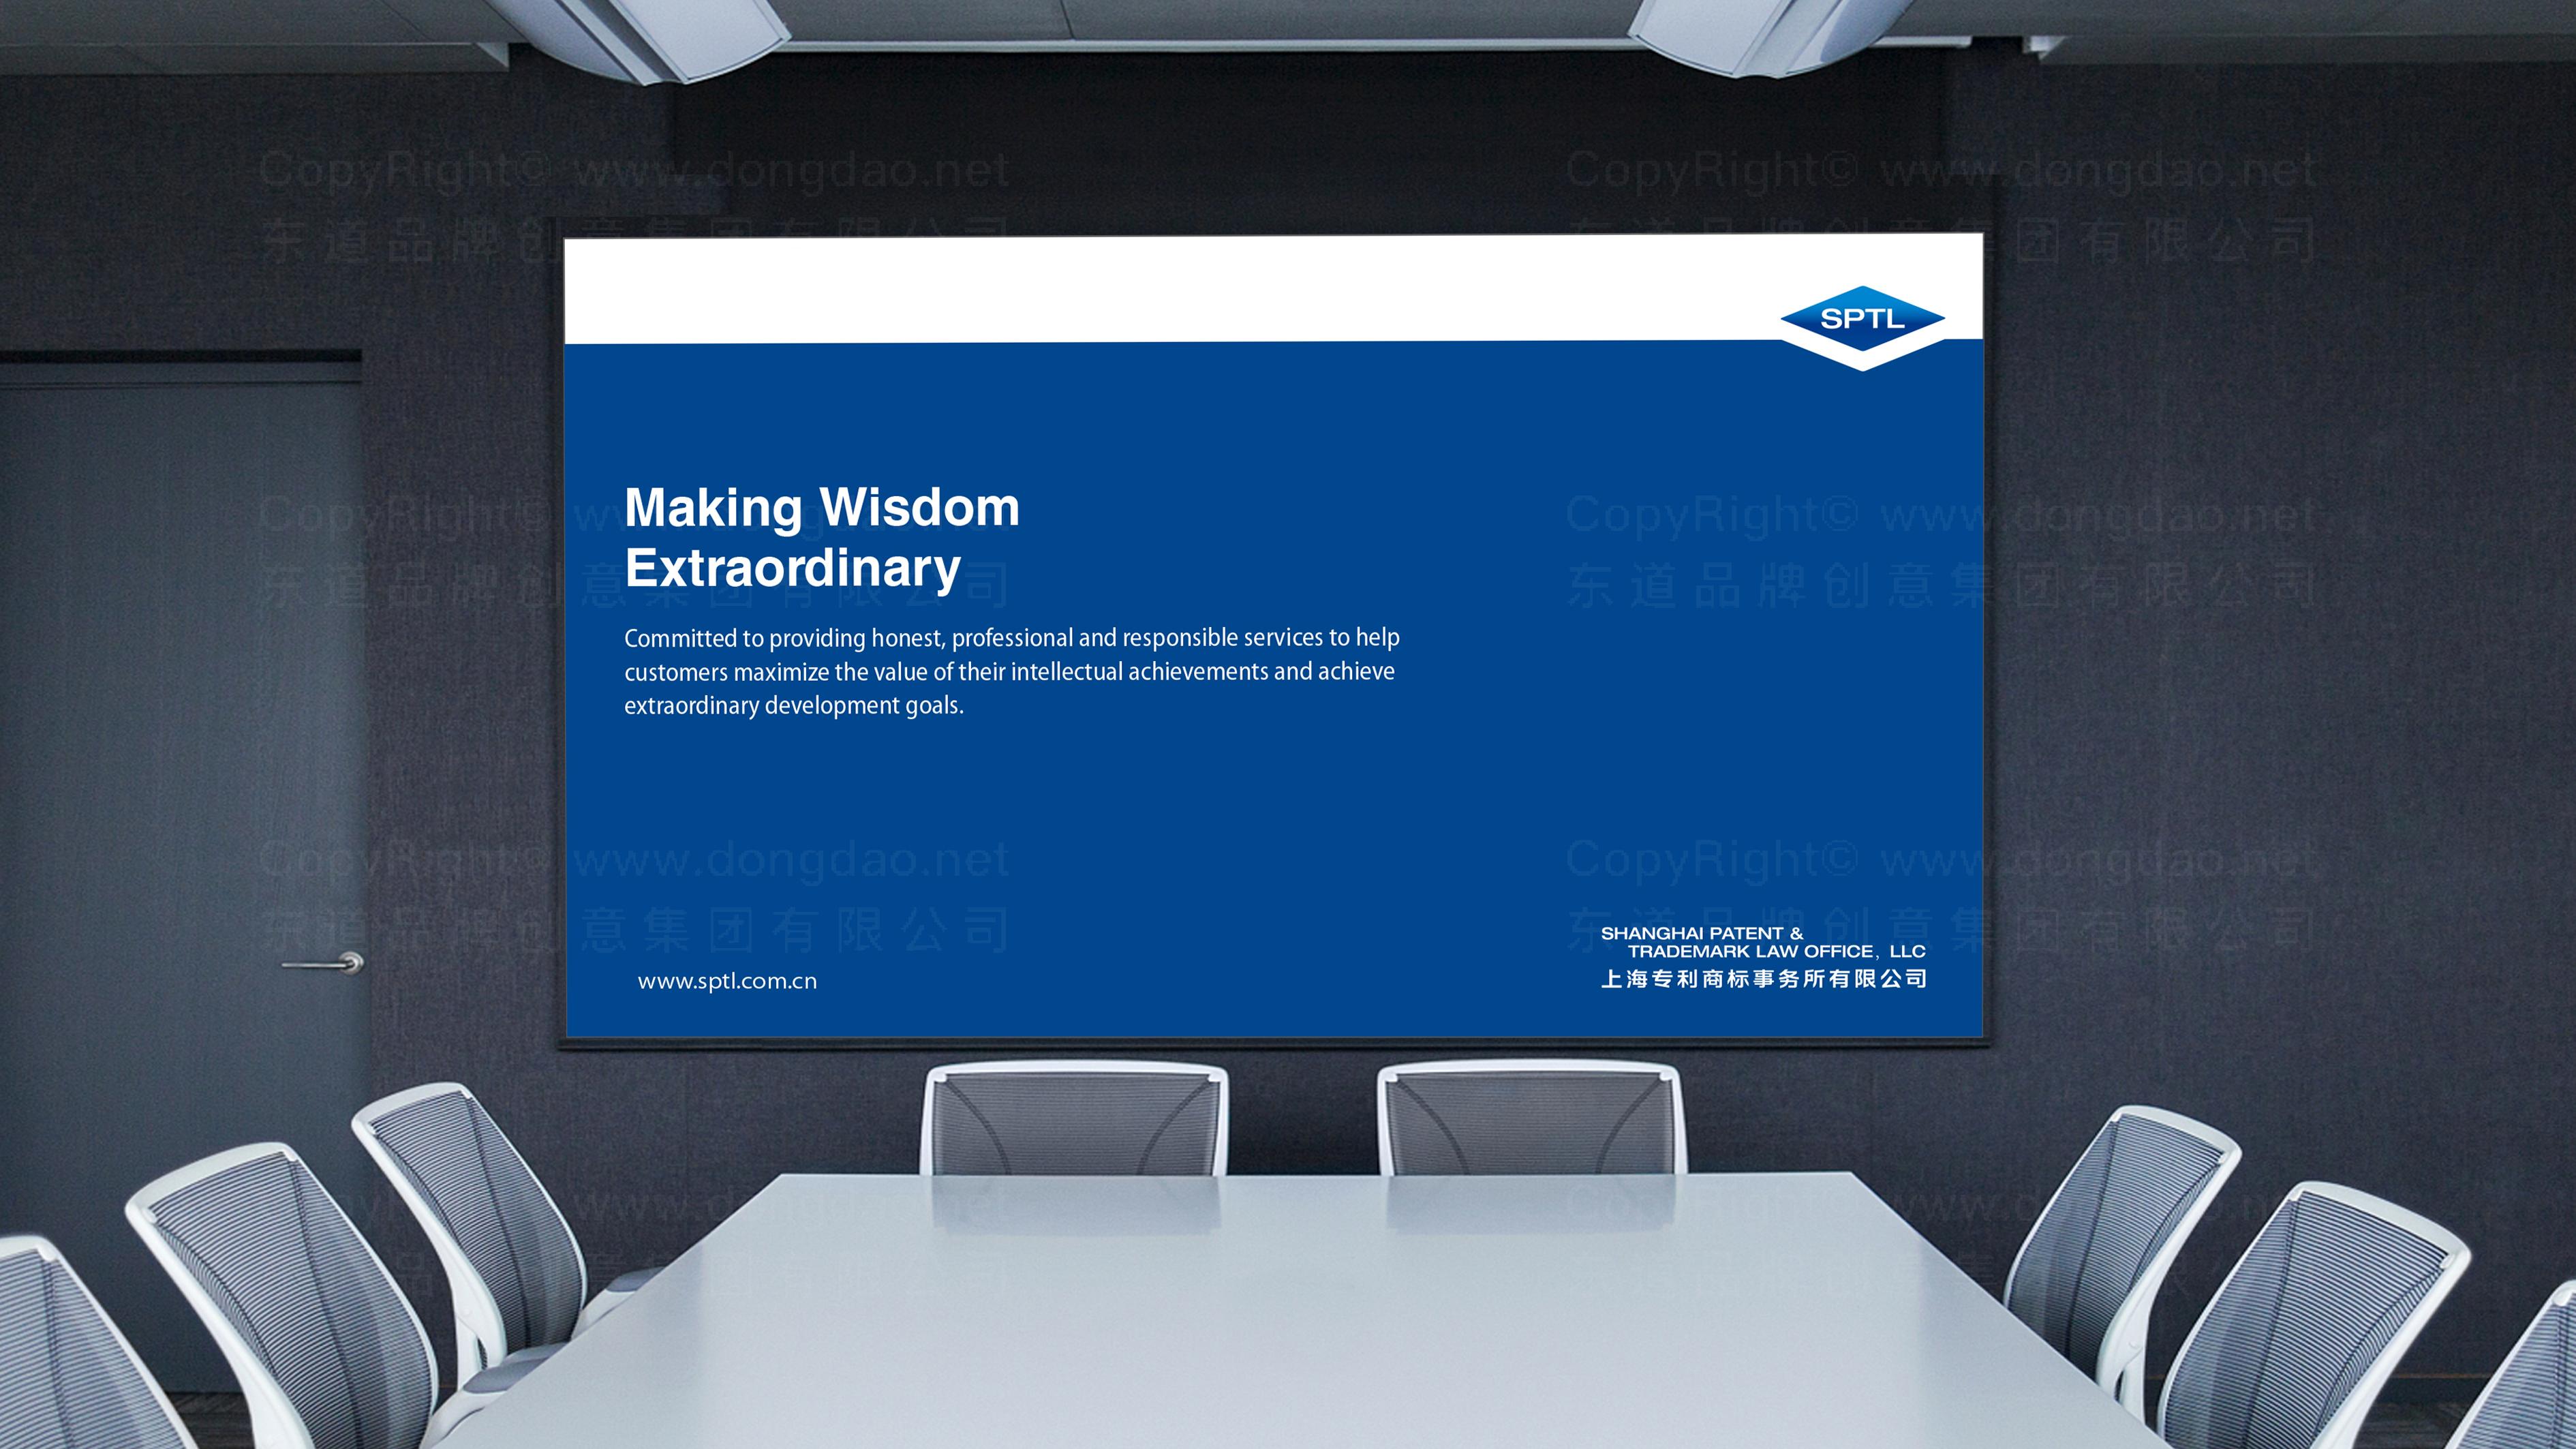 品牌设计上海专利商标事务所有限公司标志设计应用场景_5